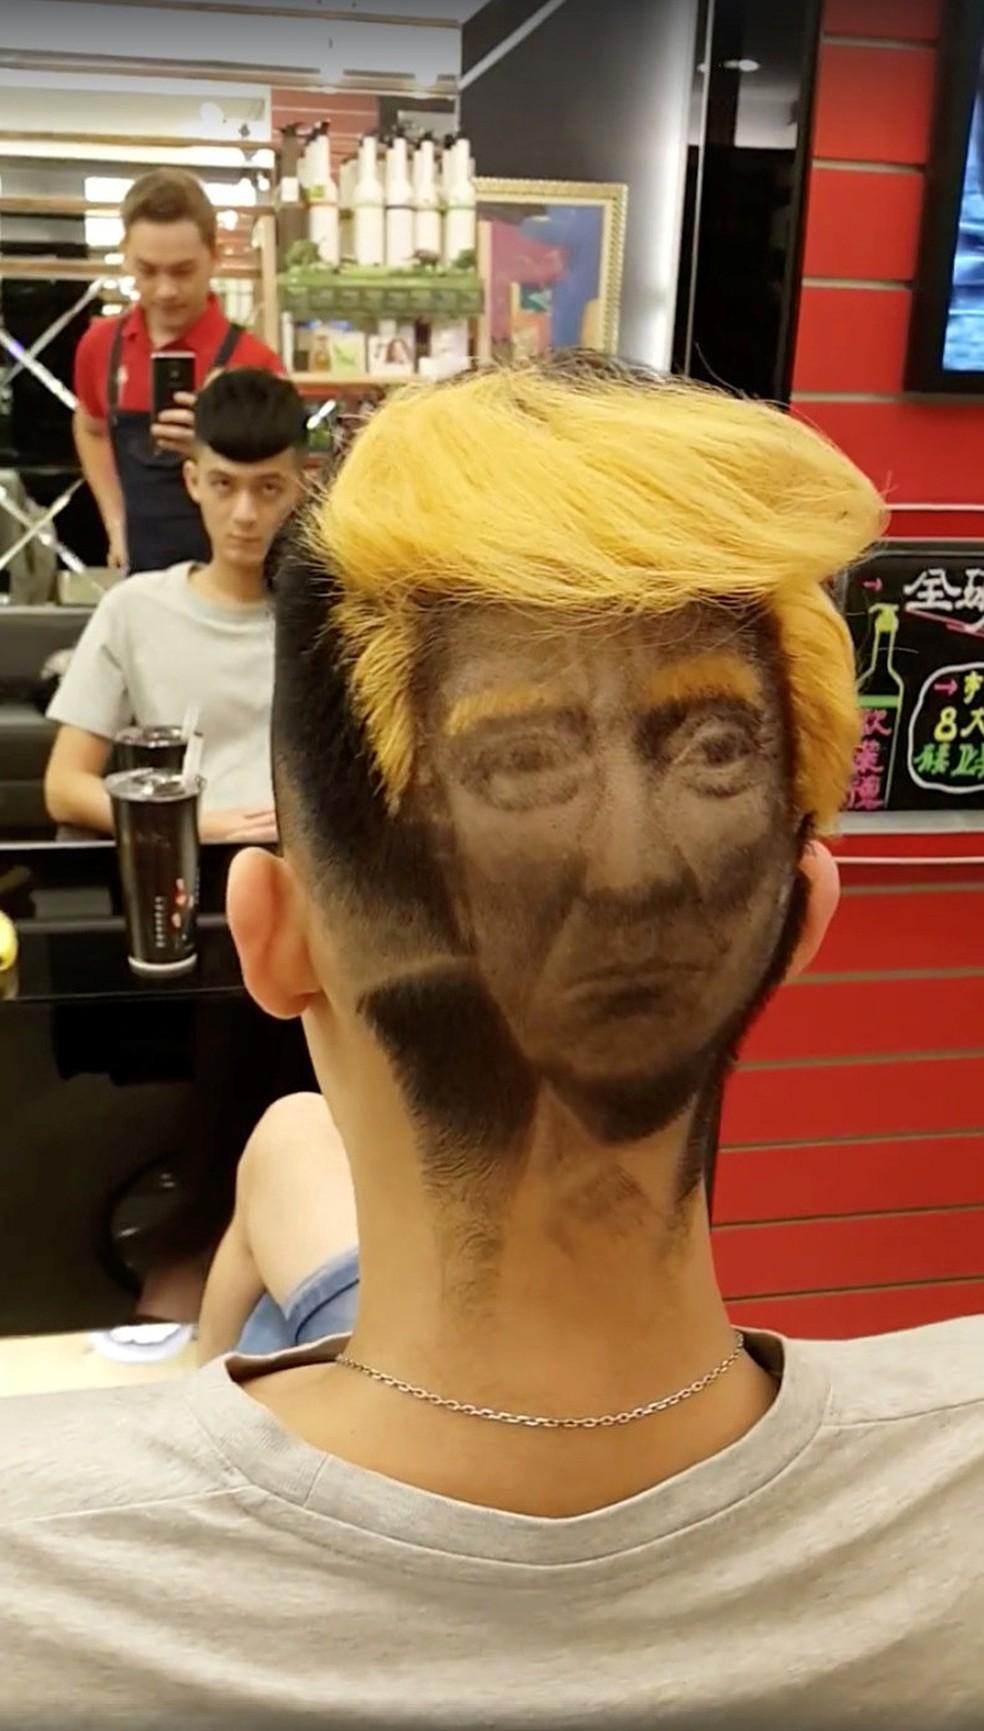 Cabeleireiro de Taiwan faz sucesso com corte de cabelo inspirado em Trump (Foto: XB HAIR/via REUTERS)